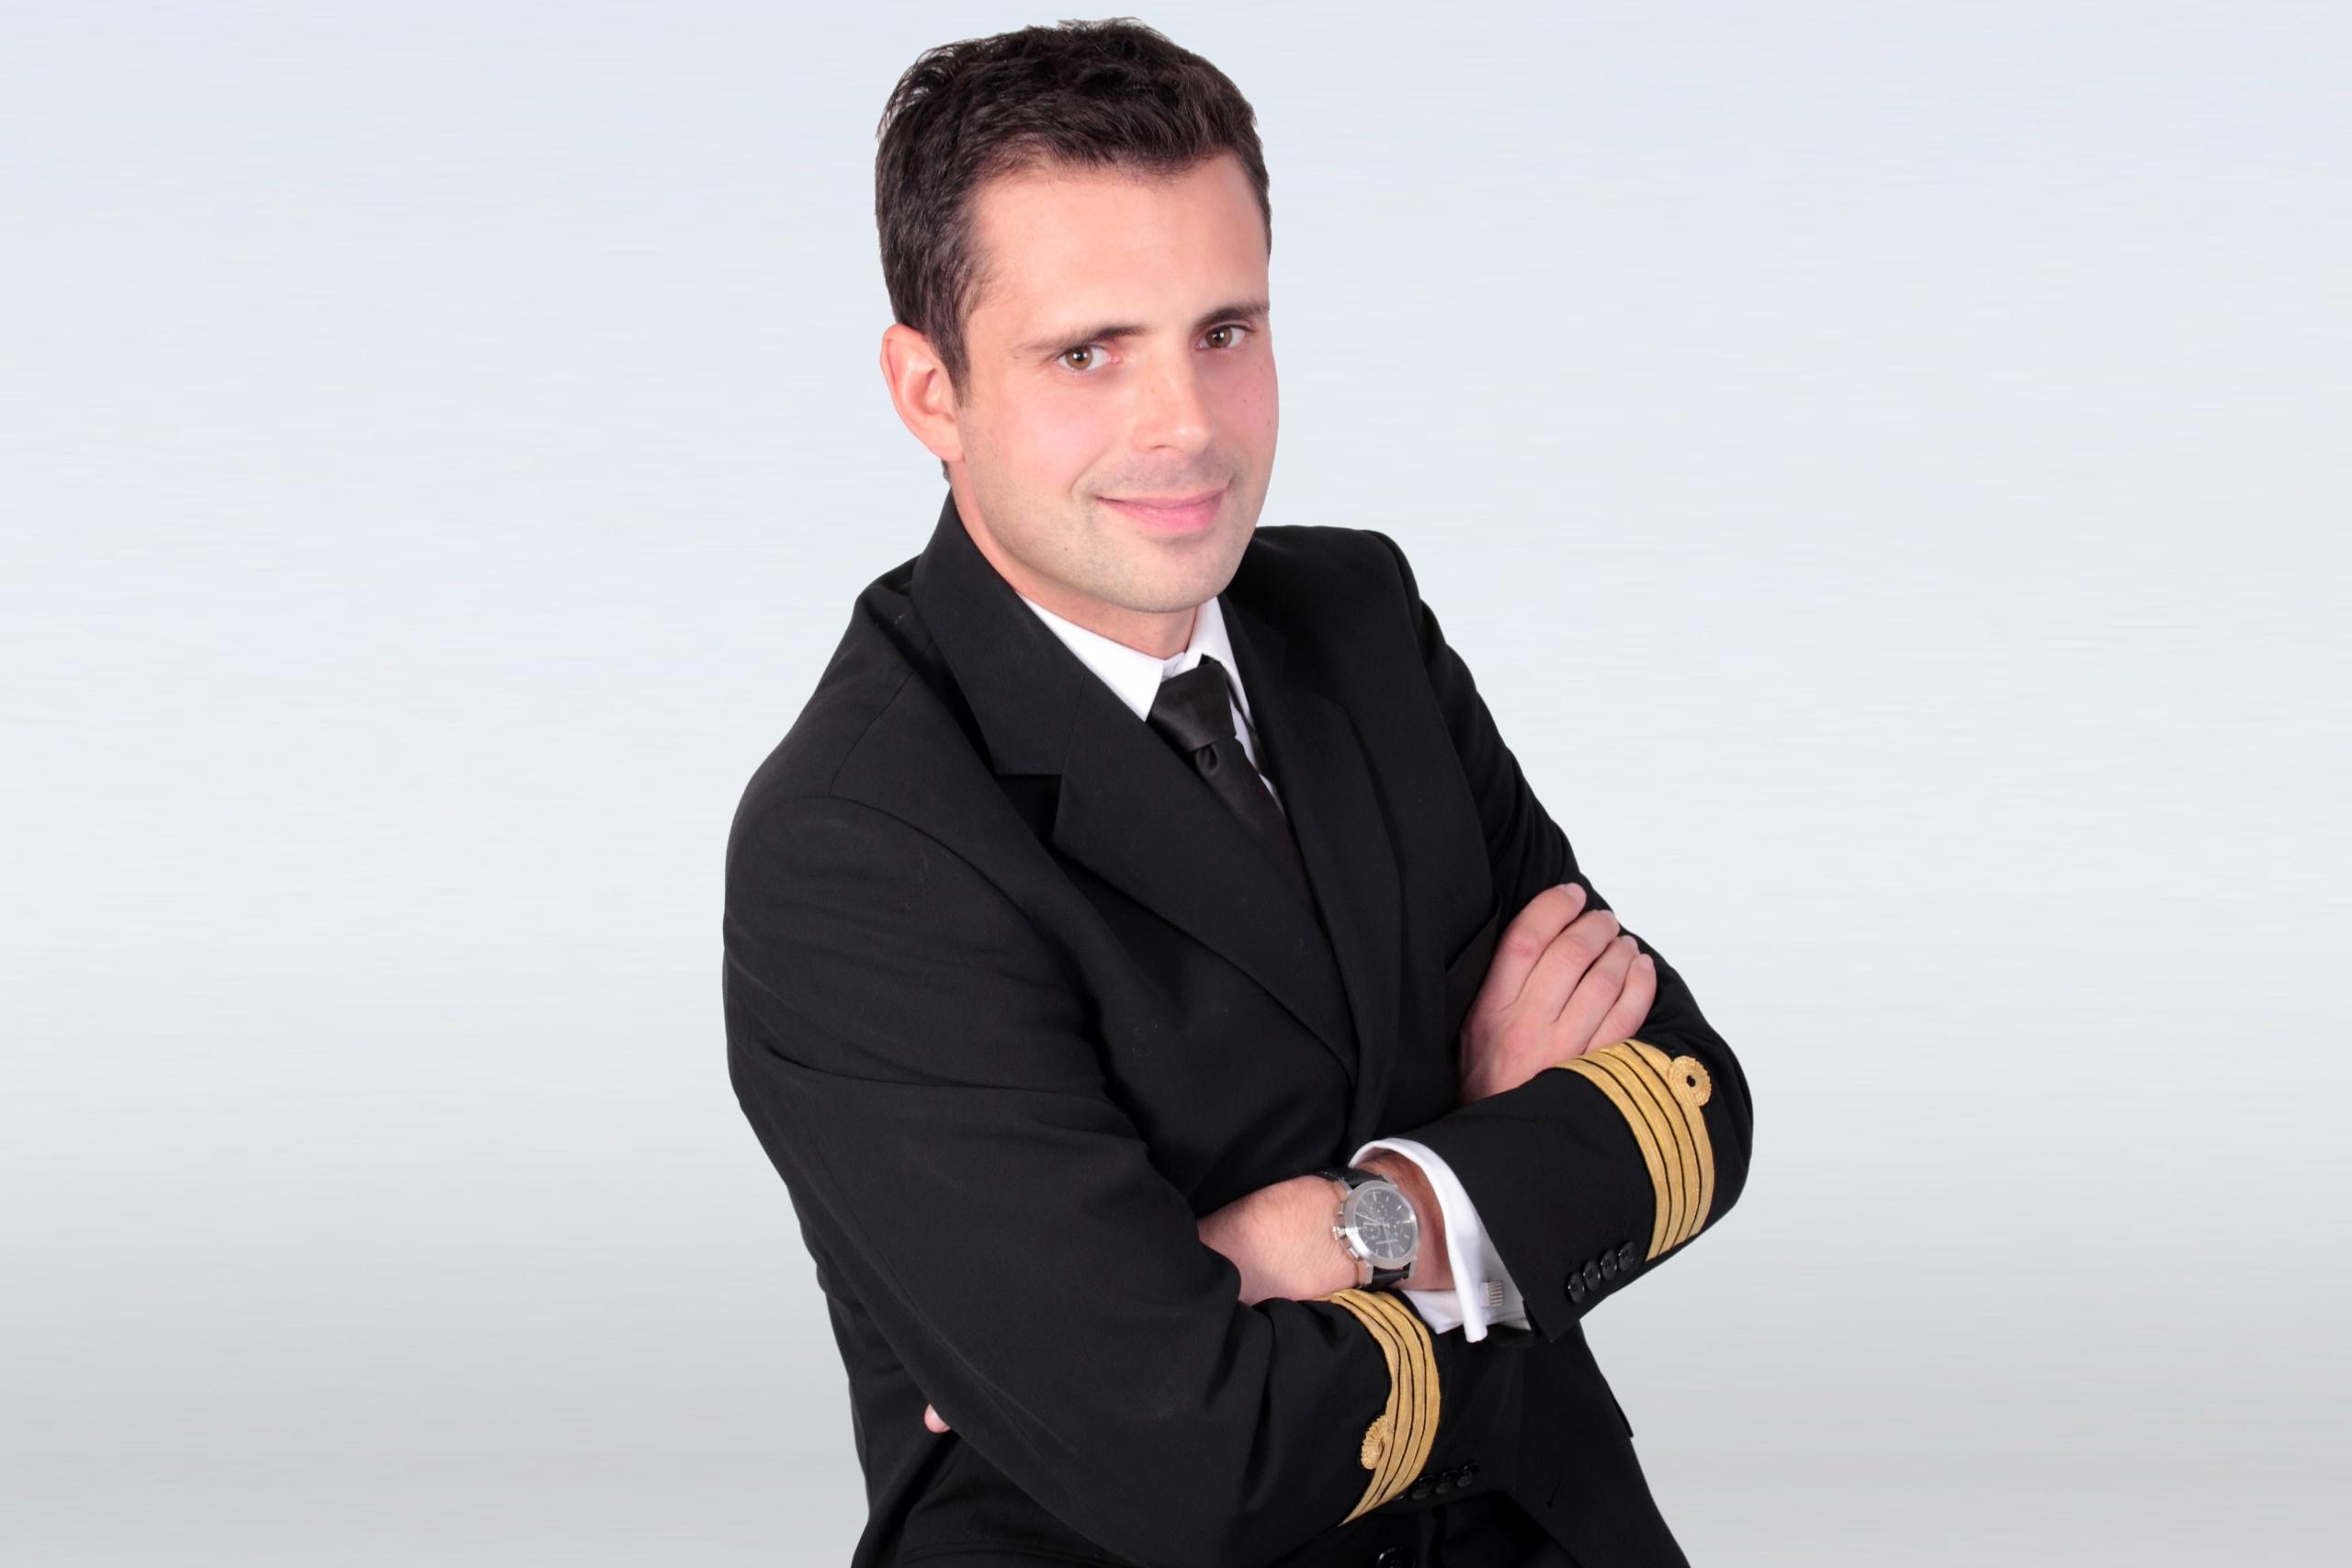 Charles Clair, pilote et fondateur de Clair Group, groupe aéronautique français